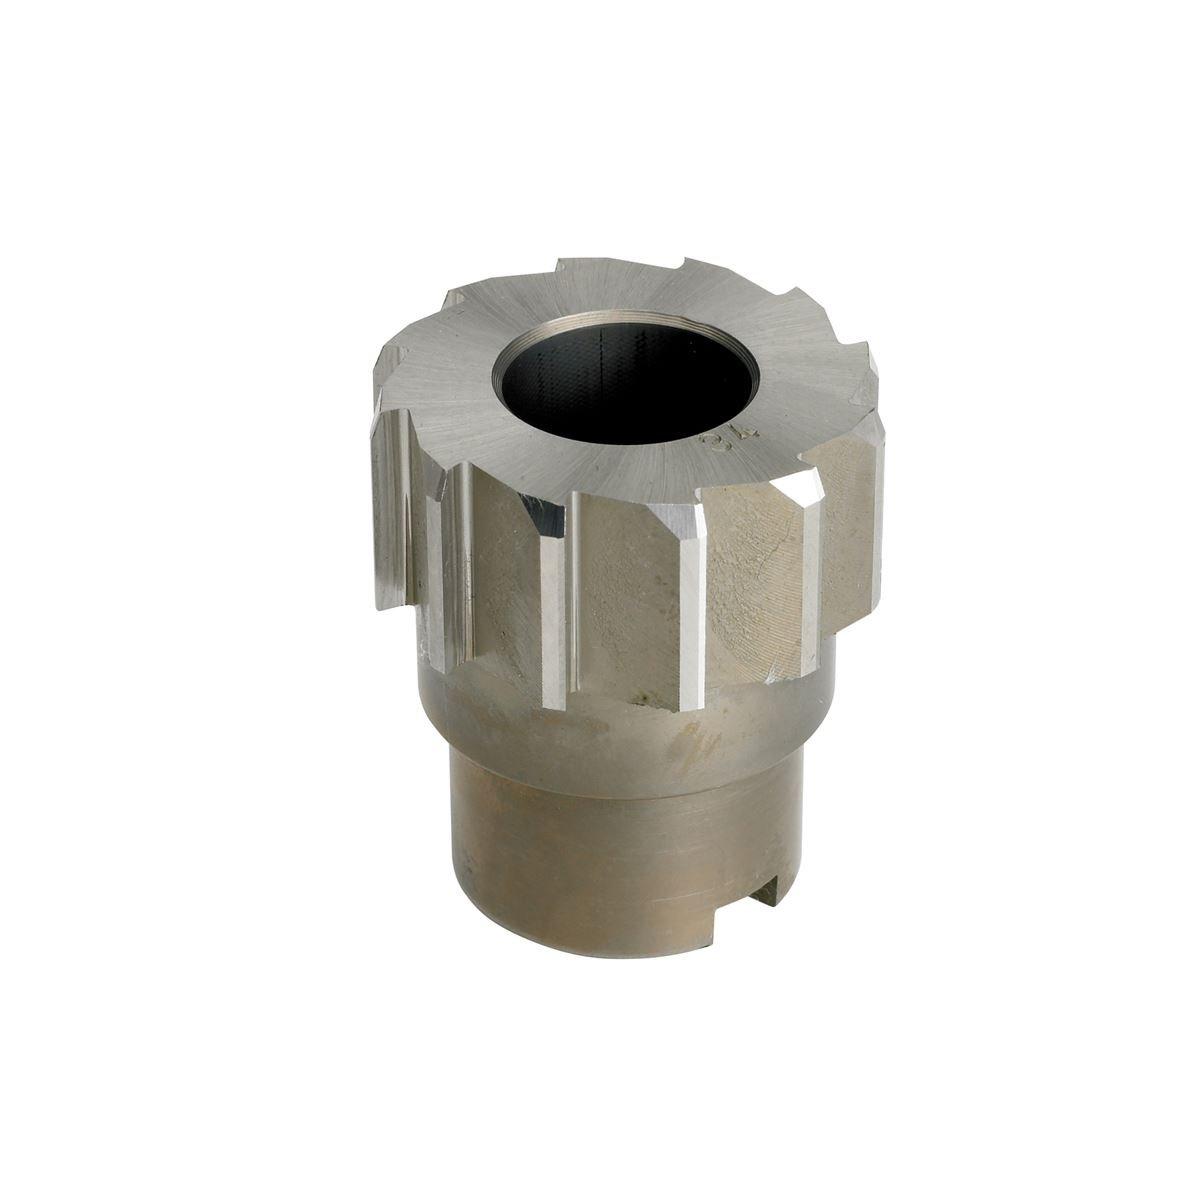 Fasi Sicherheitsprodukte Werkzeuge Fräser 1 Zoll Cyclo-Tools,7817